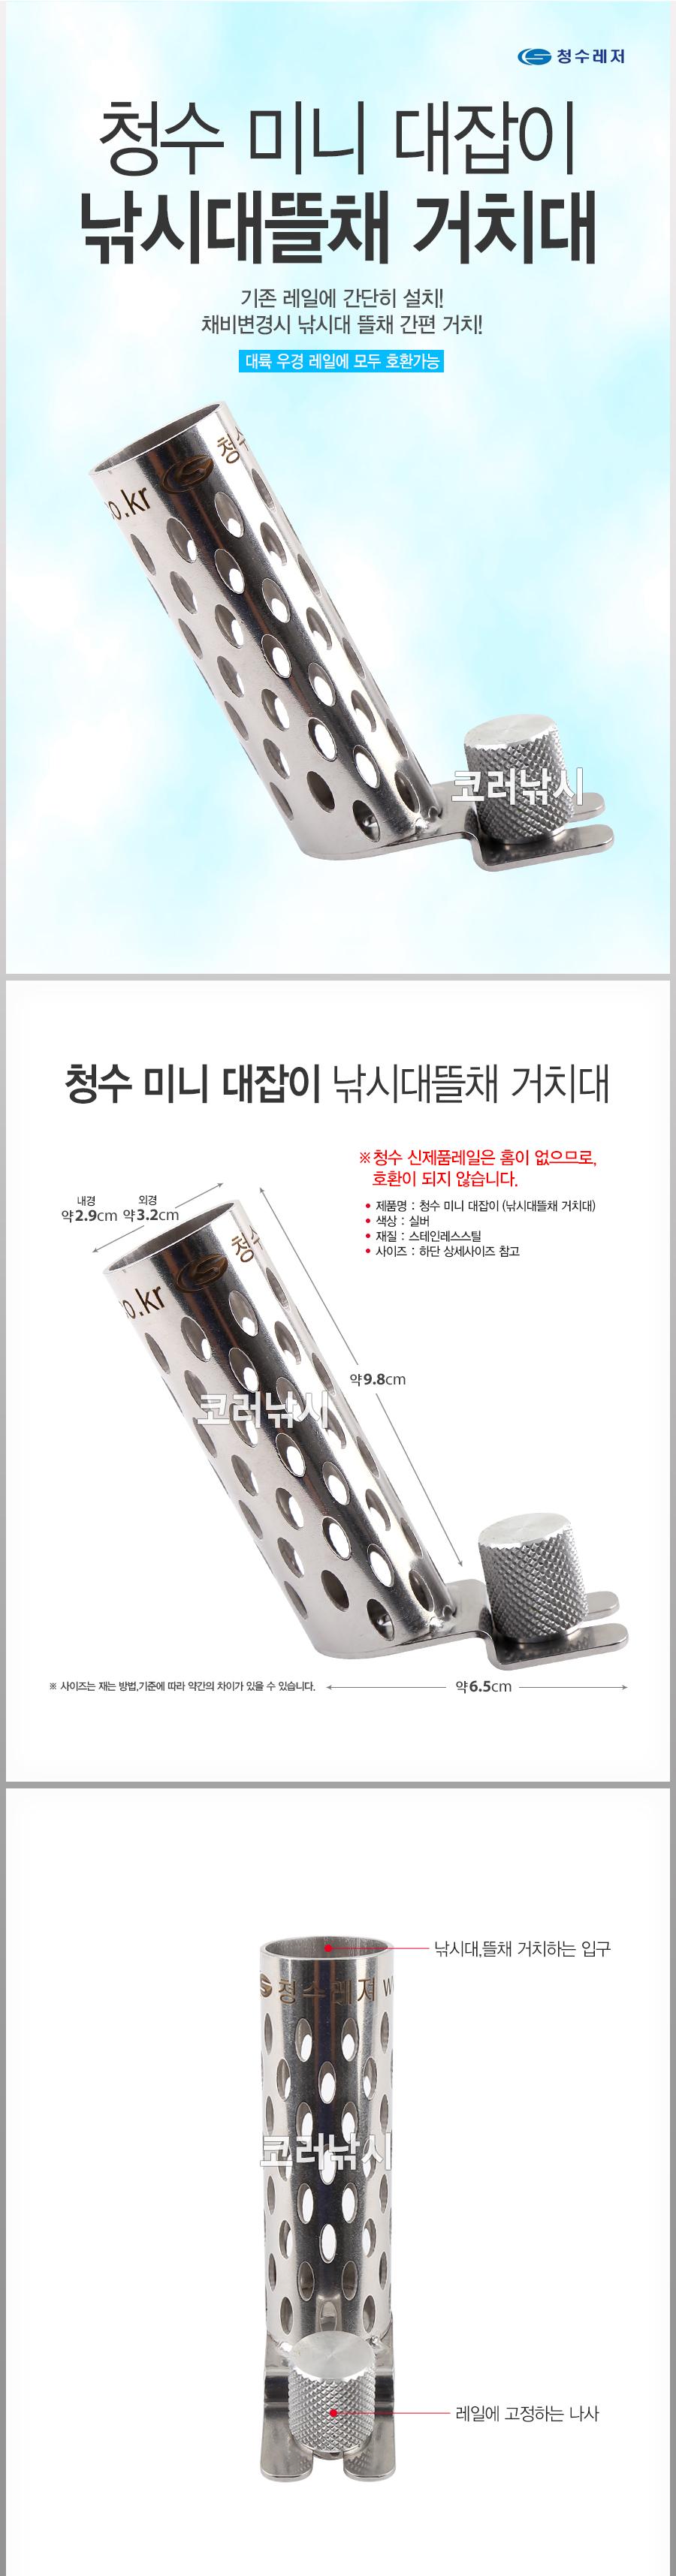 청수 미니 대잡이 낚시대 뜰채 거치대 로드컵 낚시대거치대